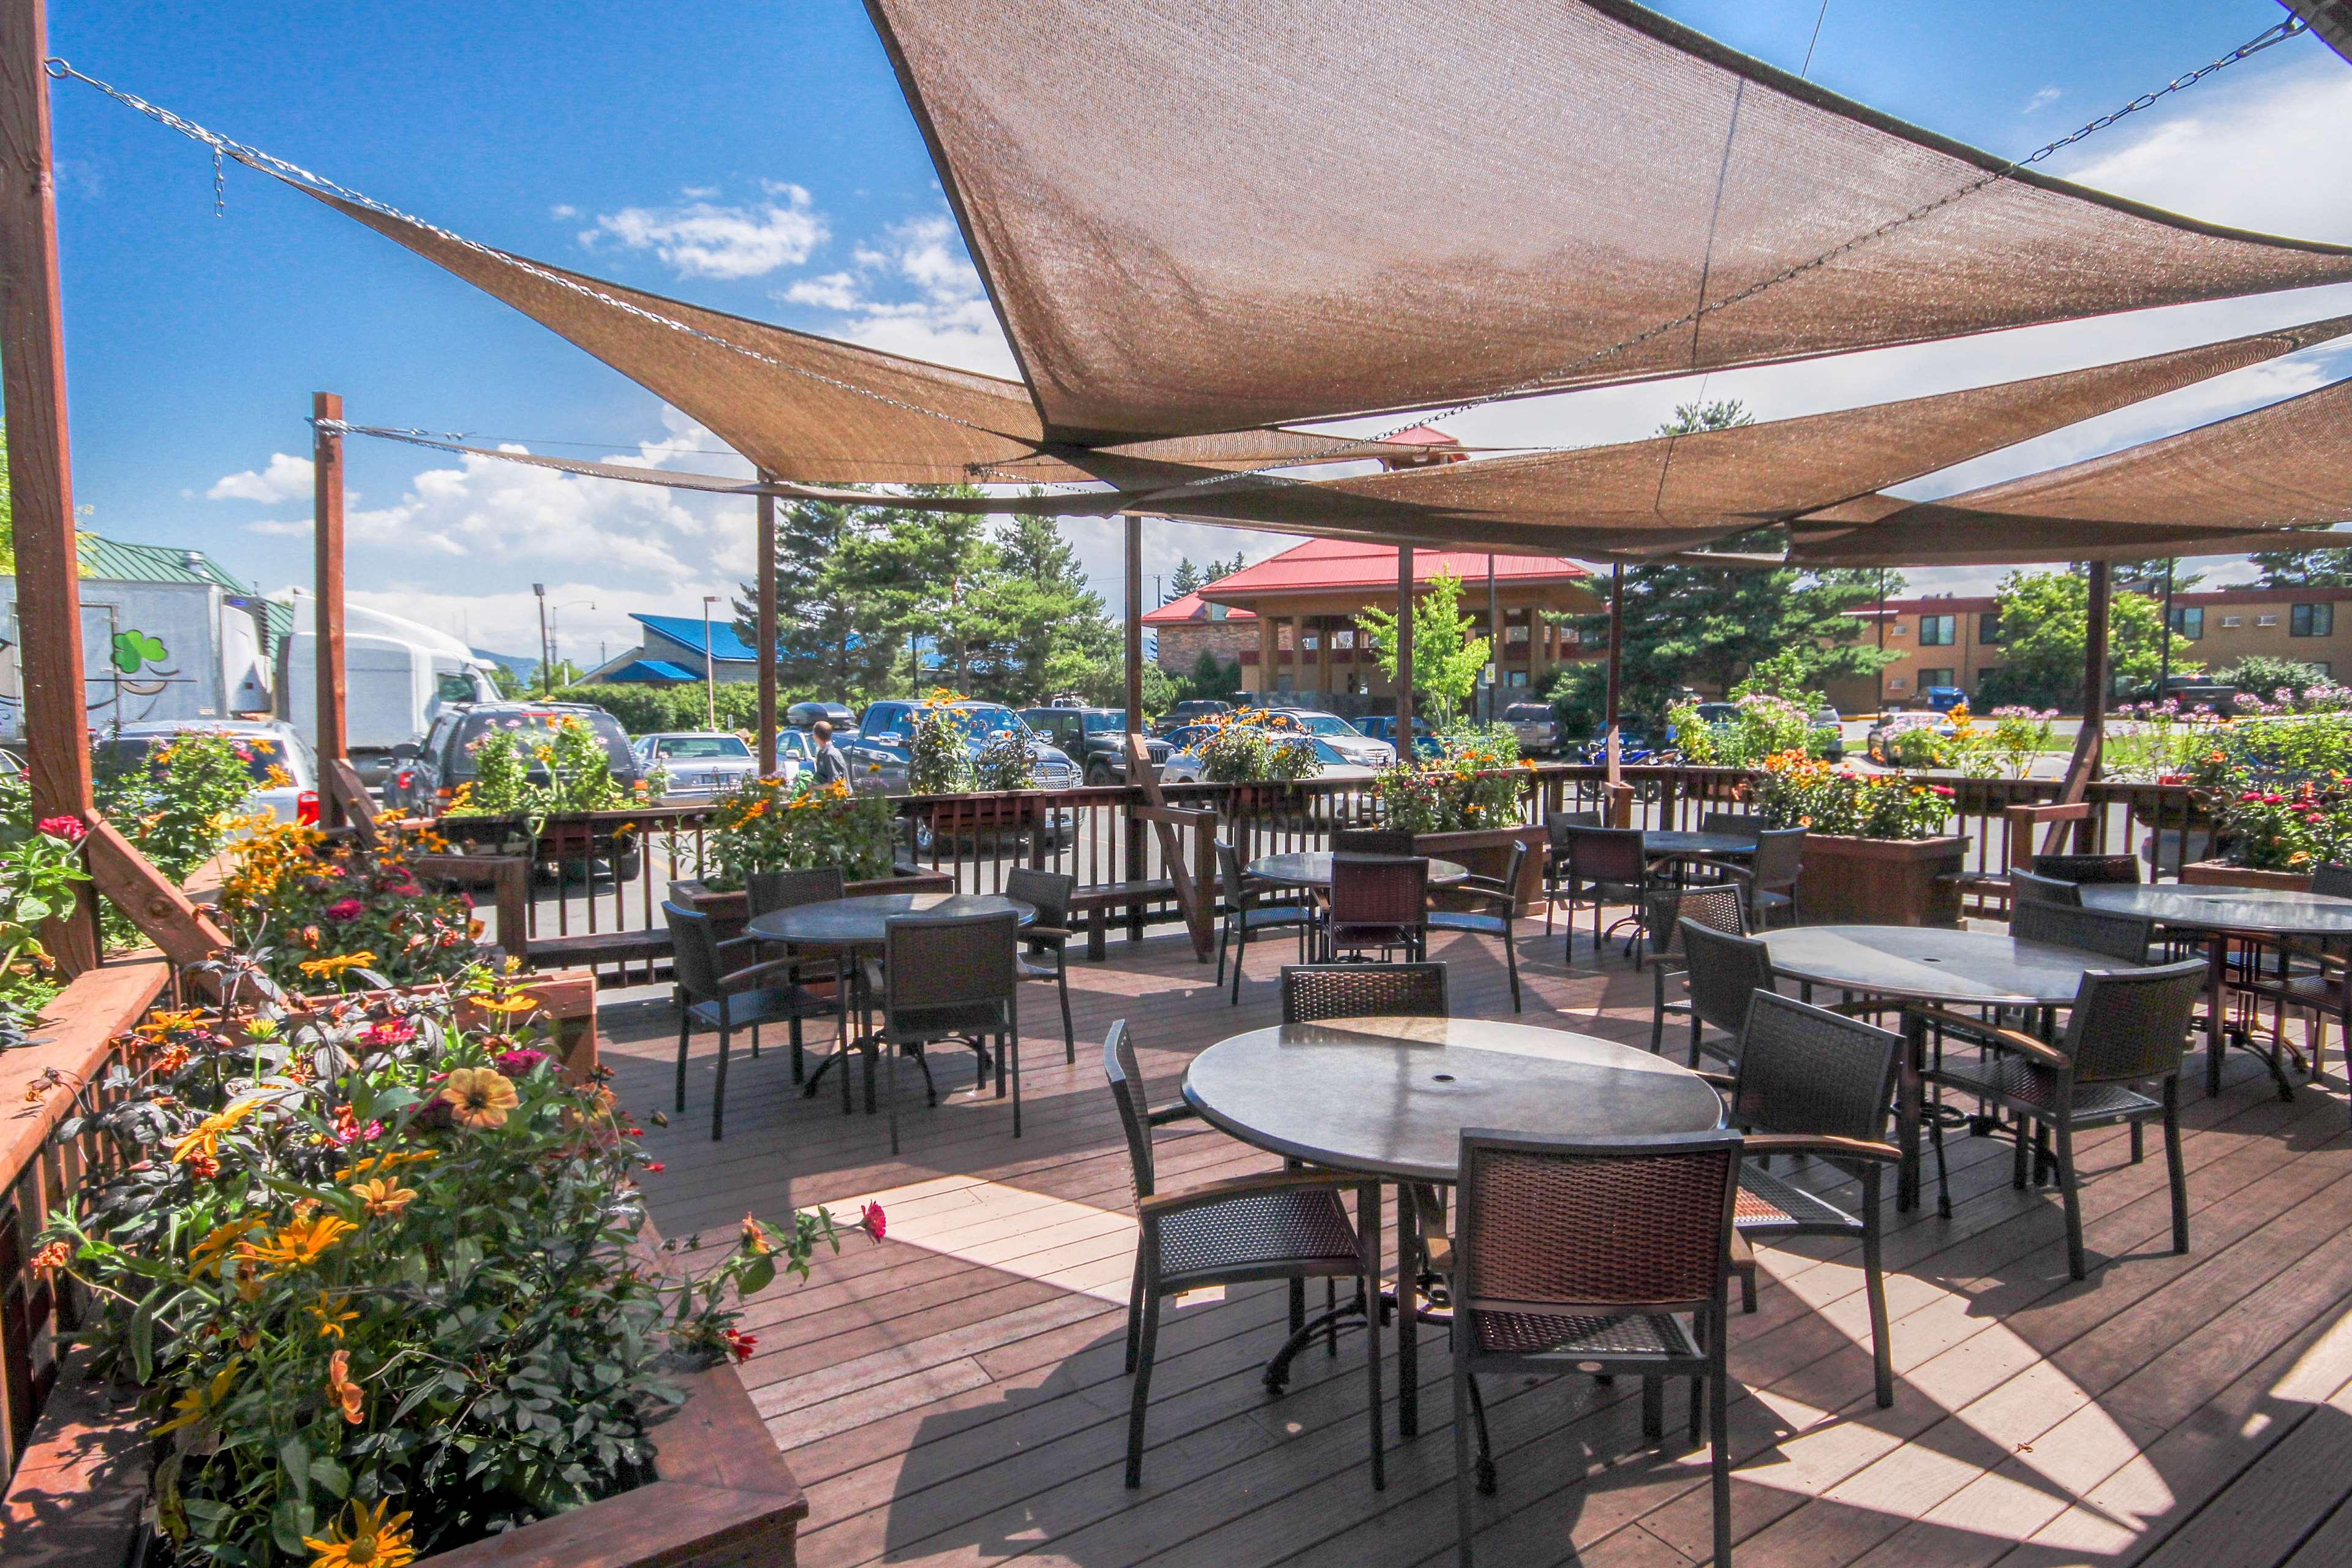 Best Hotels In Bozeman